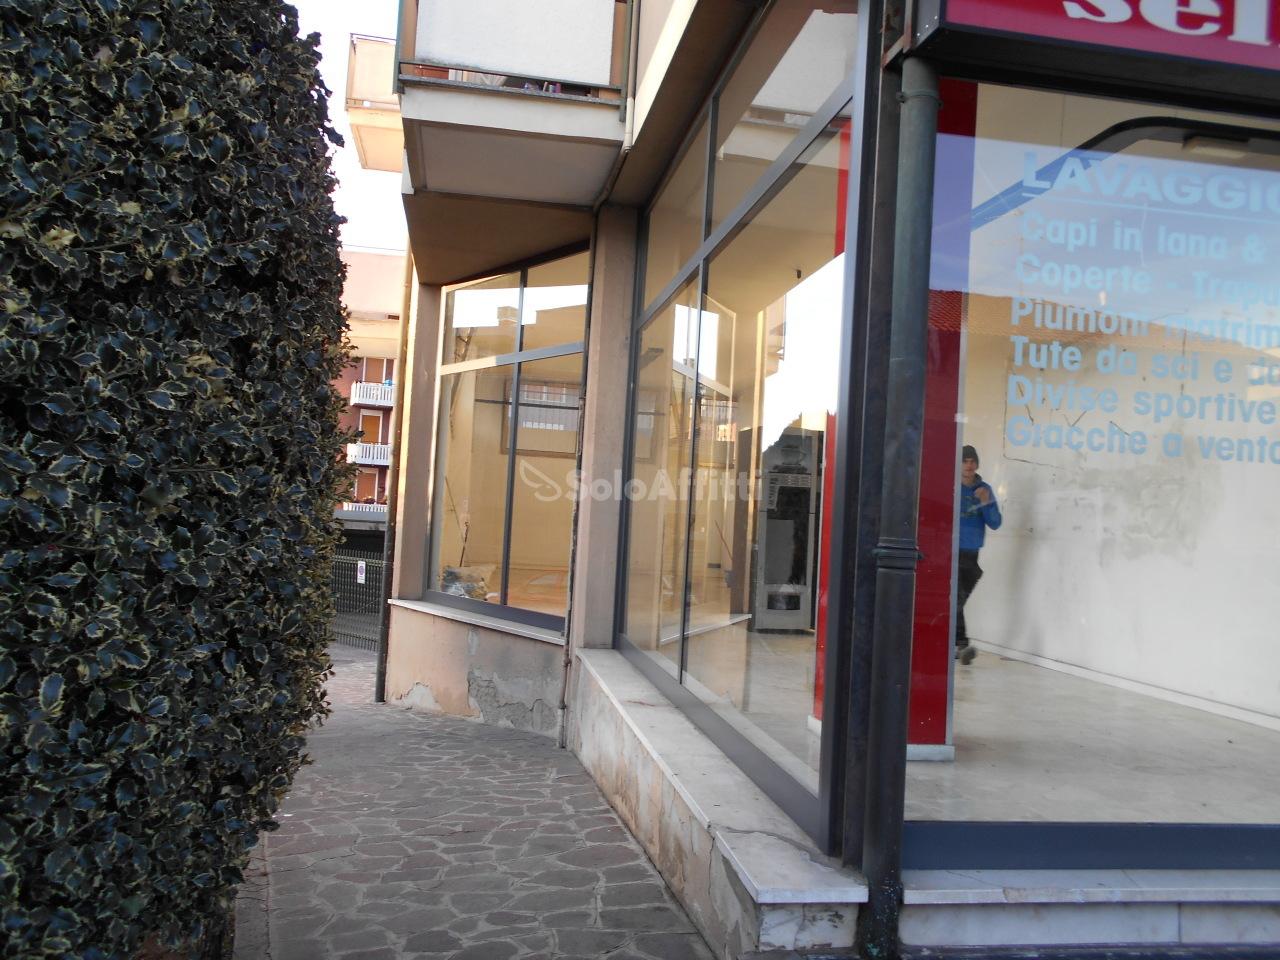 Negozio / Locale in affitto a Carugo, 2 locali, prezzo € 750 | PortaleAgenzieImmobiliari.it